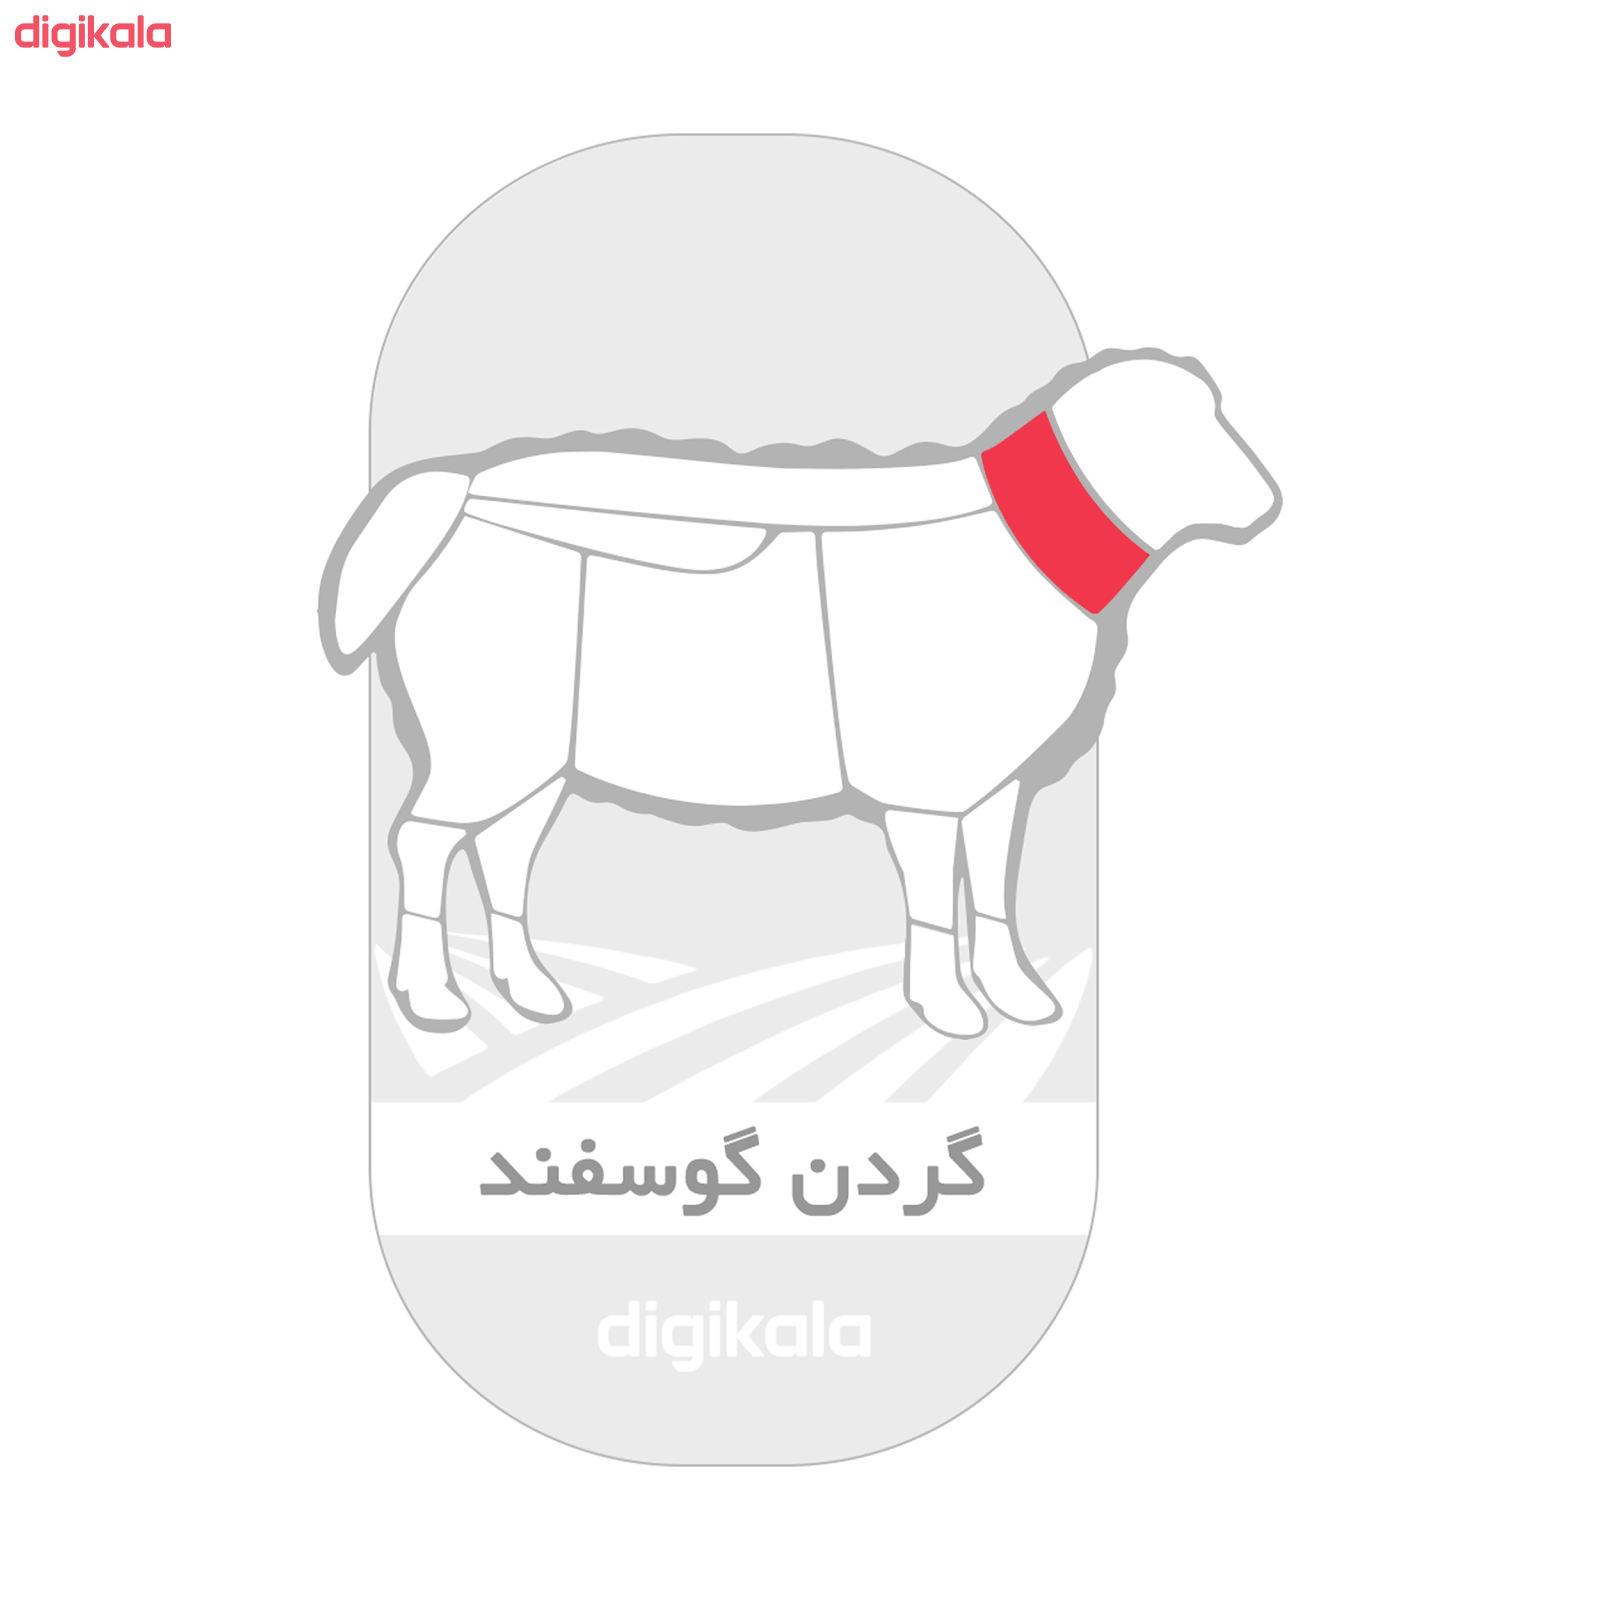 گردن گوسفندی پویا پروتئین وزن 1 کیلوگرم main 1 2